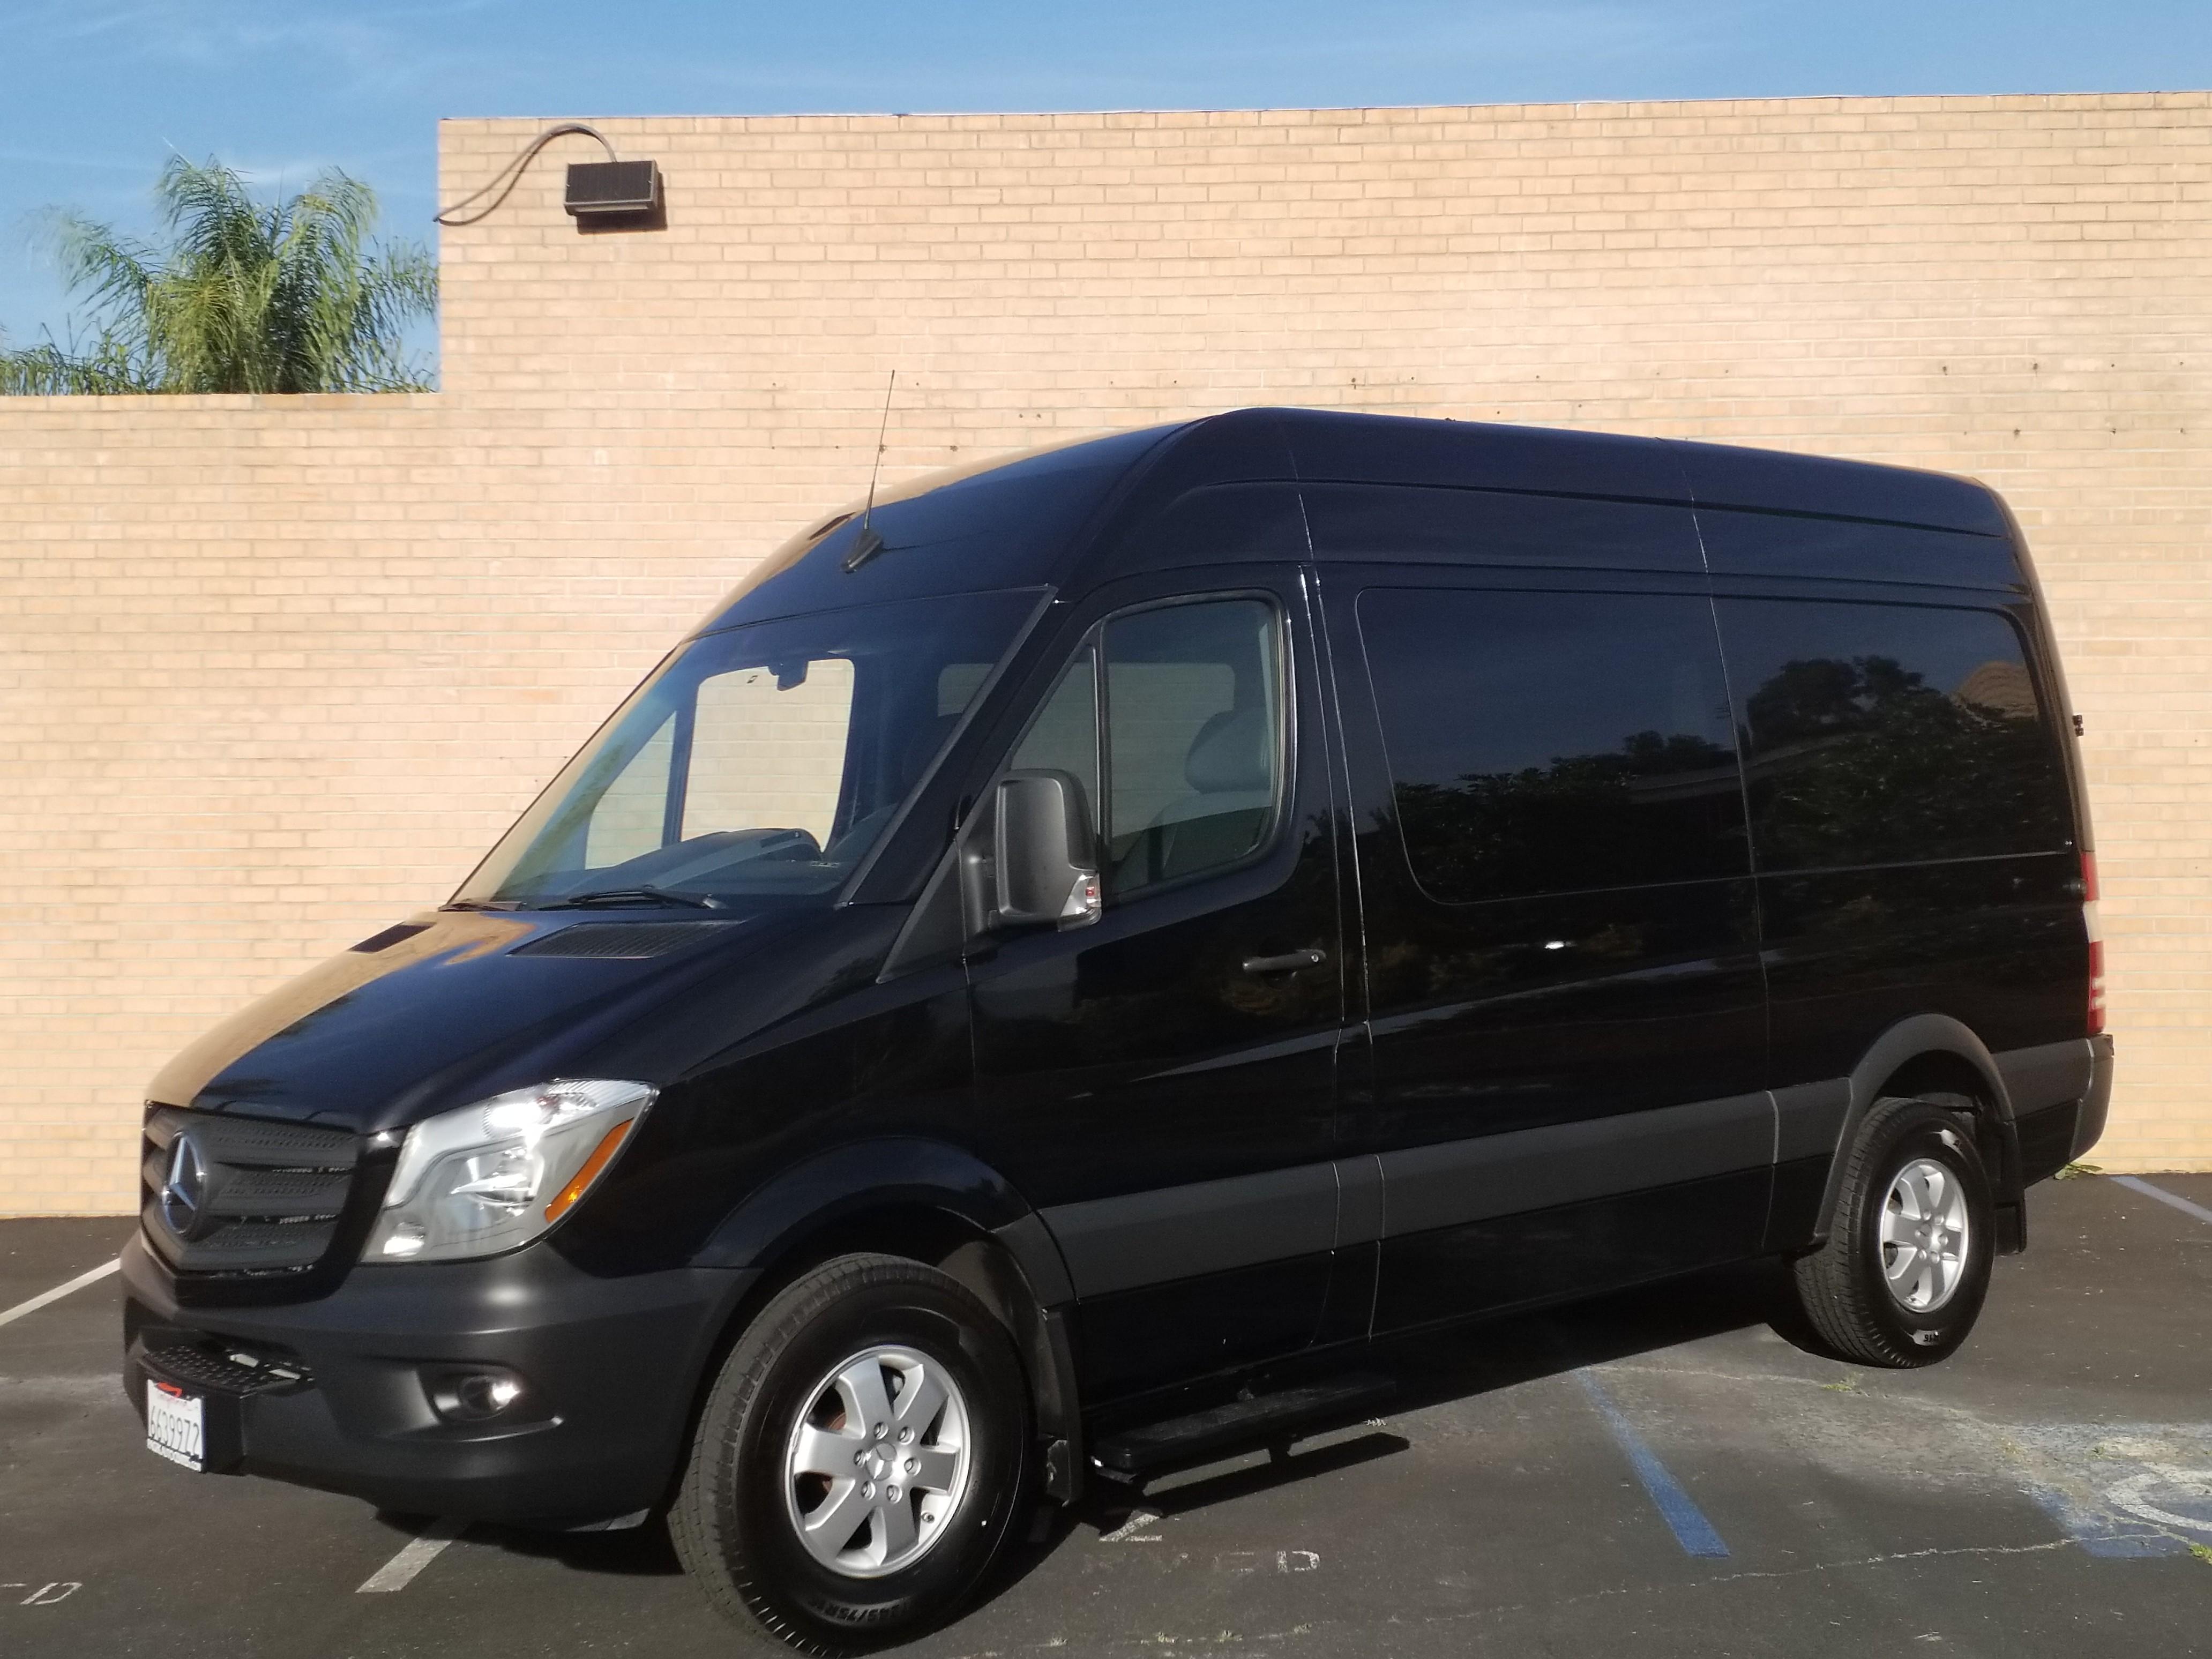 Used, 2017, Mercedes Benz, Sprinter 2500 Crew, Vans